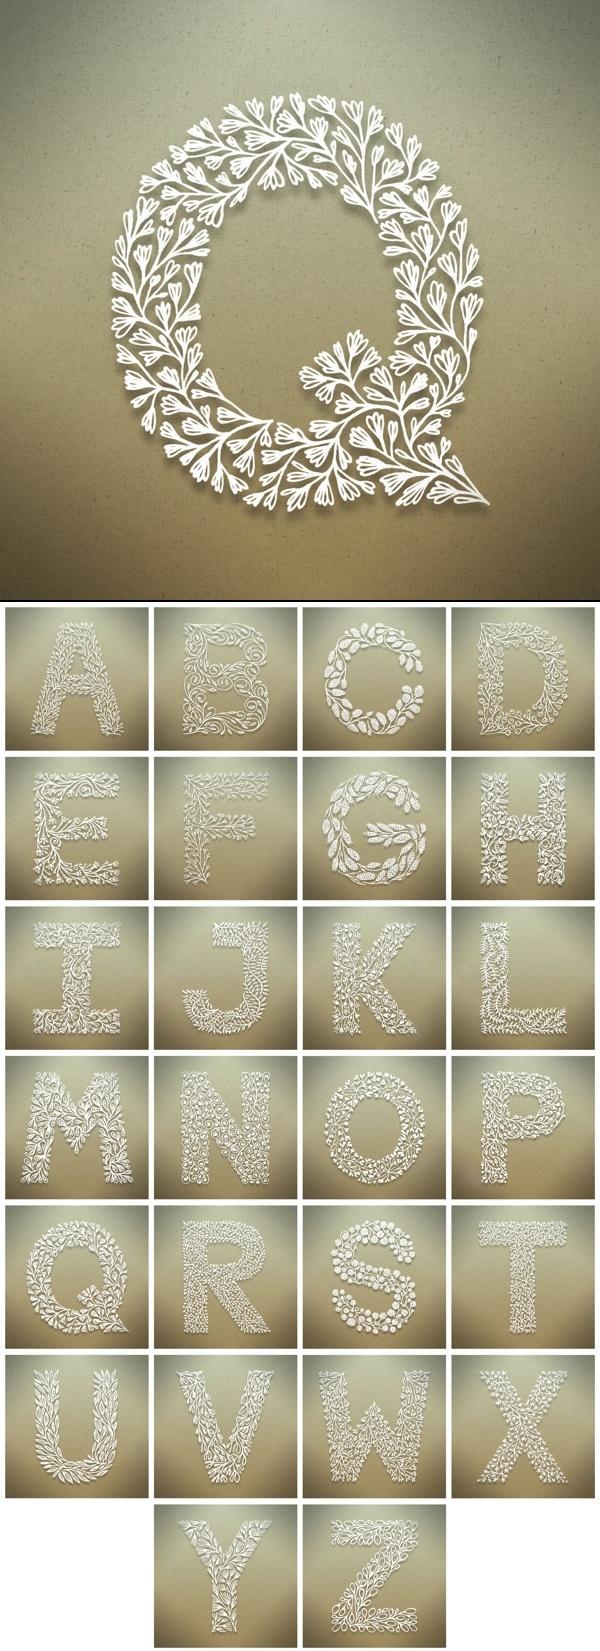 Letras decorativas - Blog Pitacos e Achados -  Acesse…